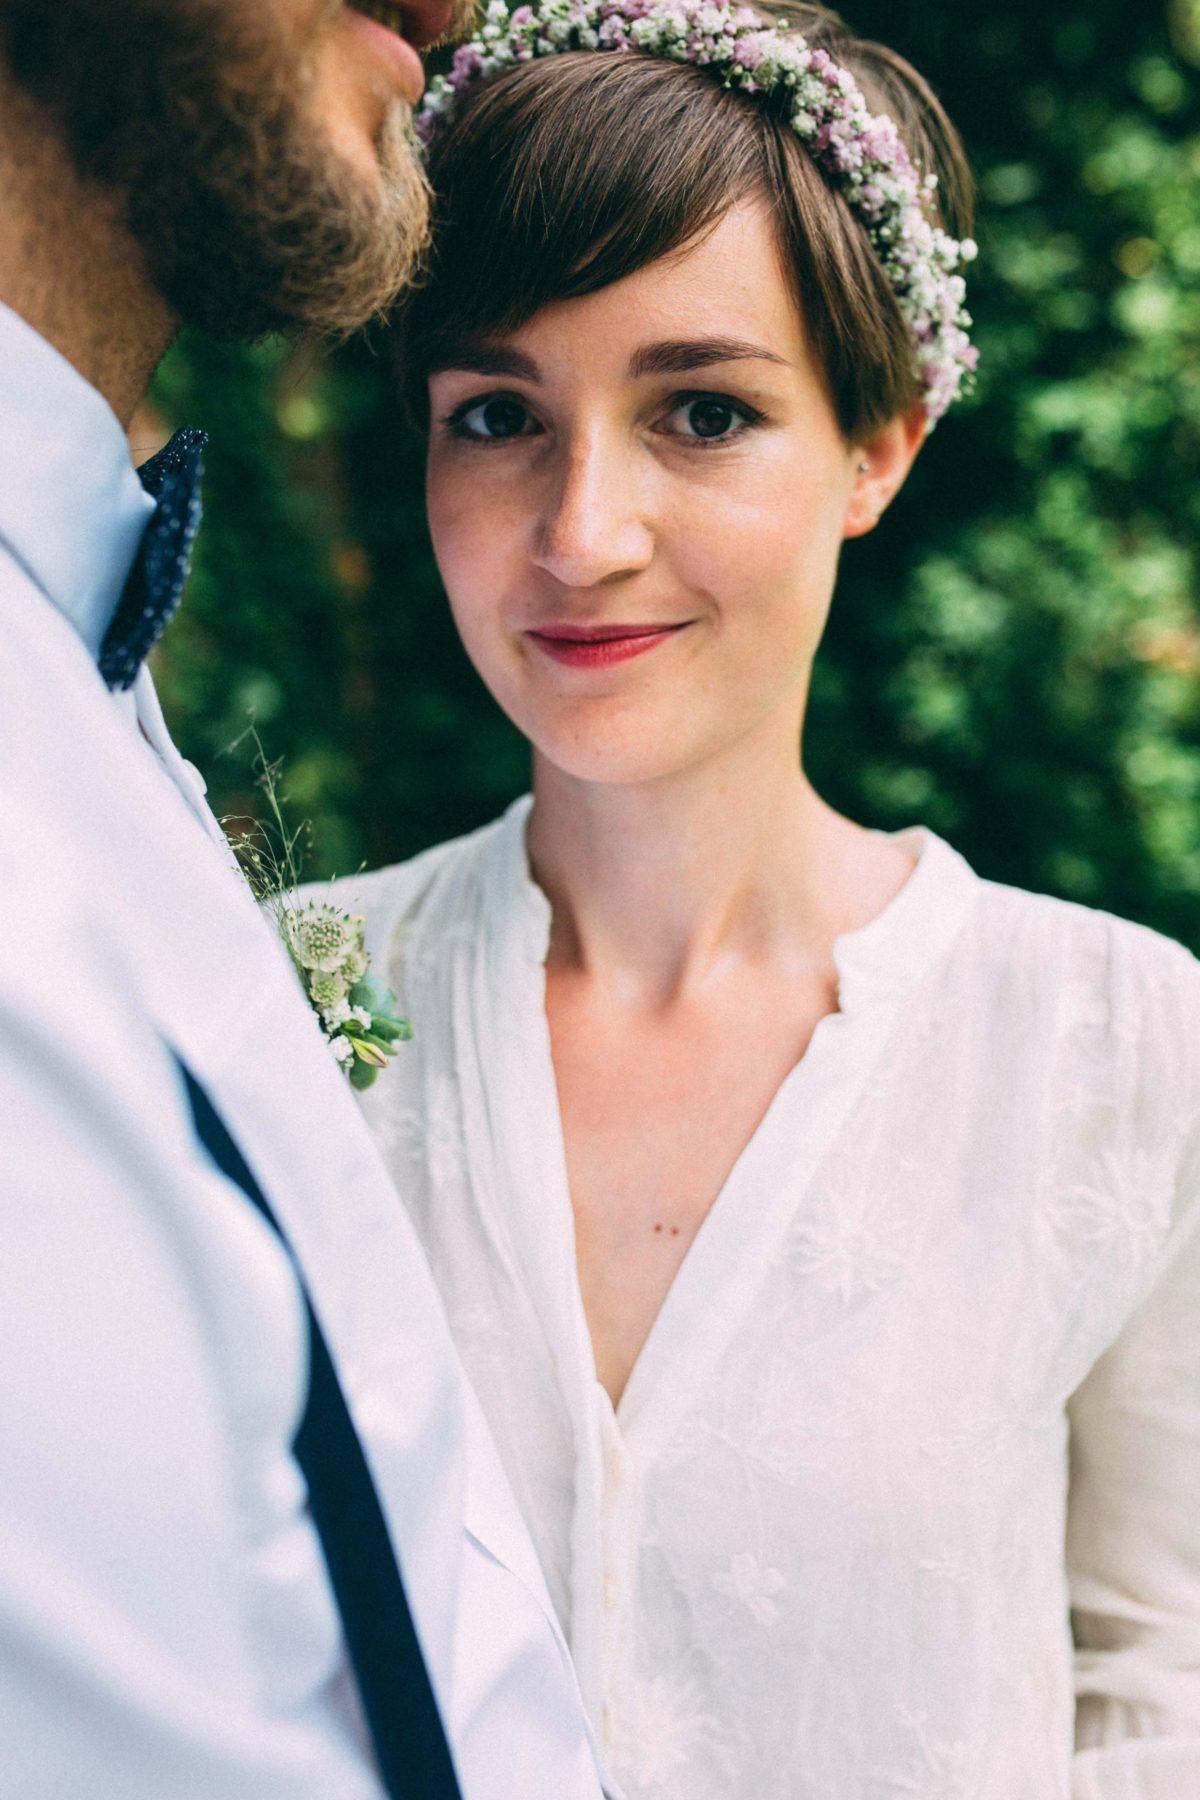 Braut Mit Blumenkranz Brautfrisur Haarkranz Hochzeit Vintage Hochzeit Frisuren